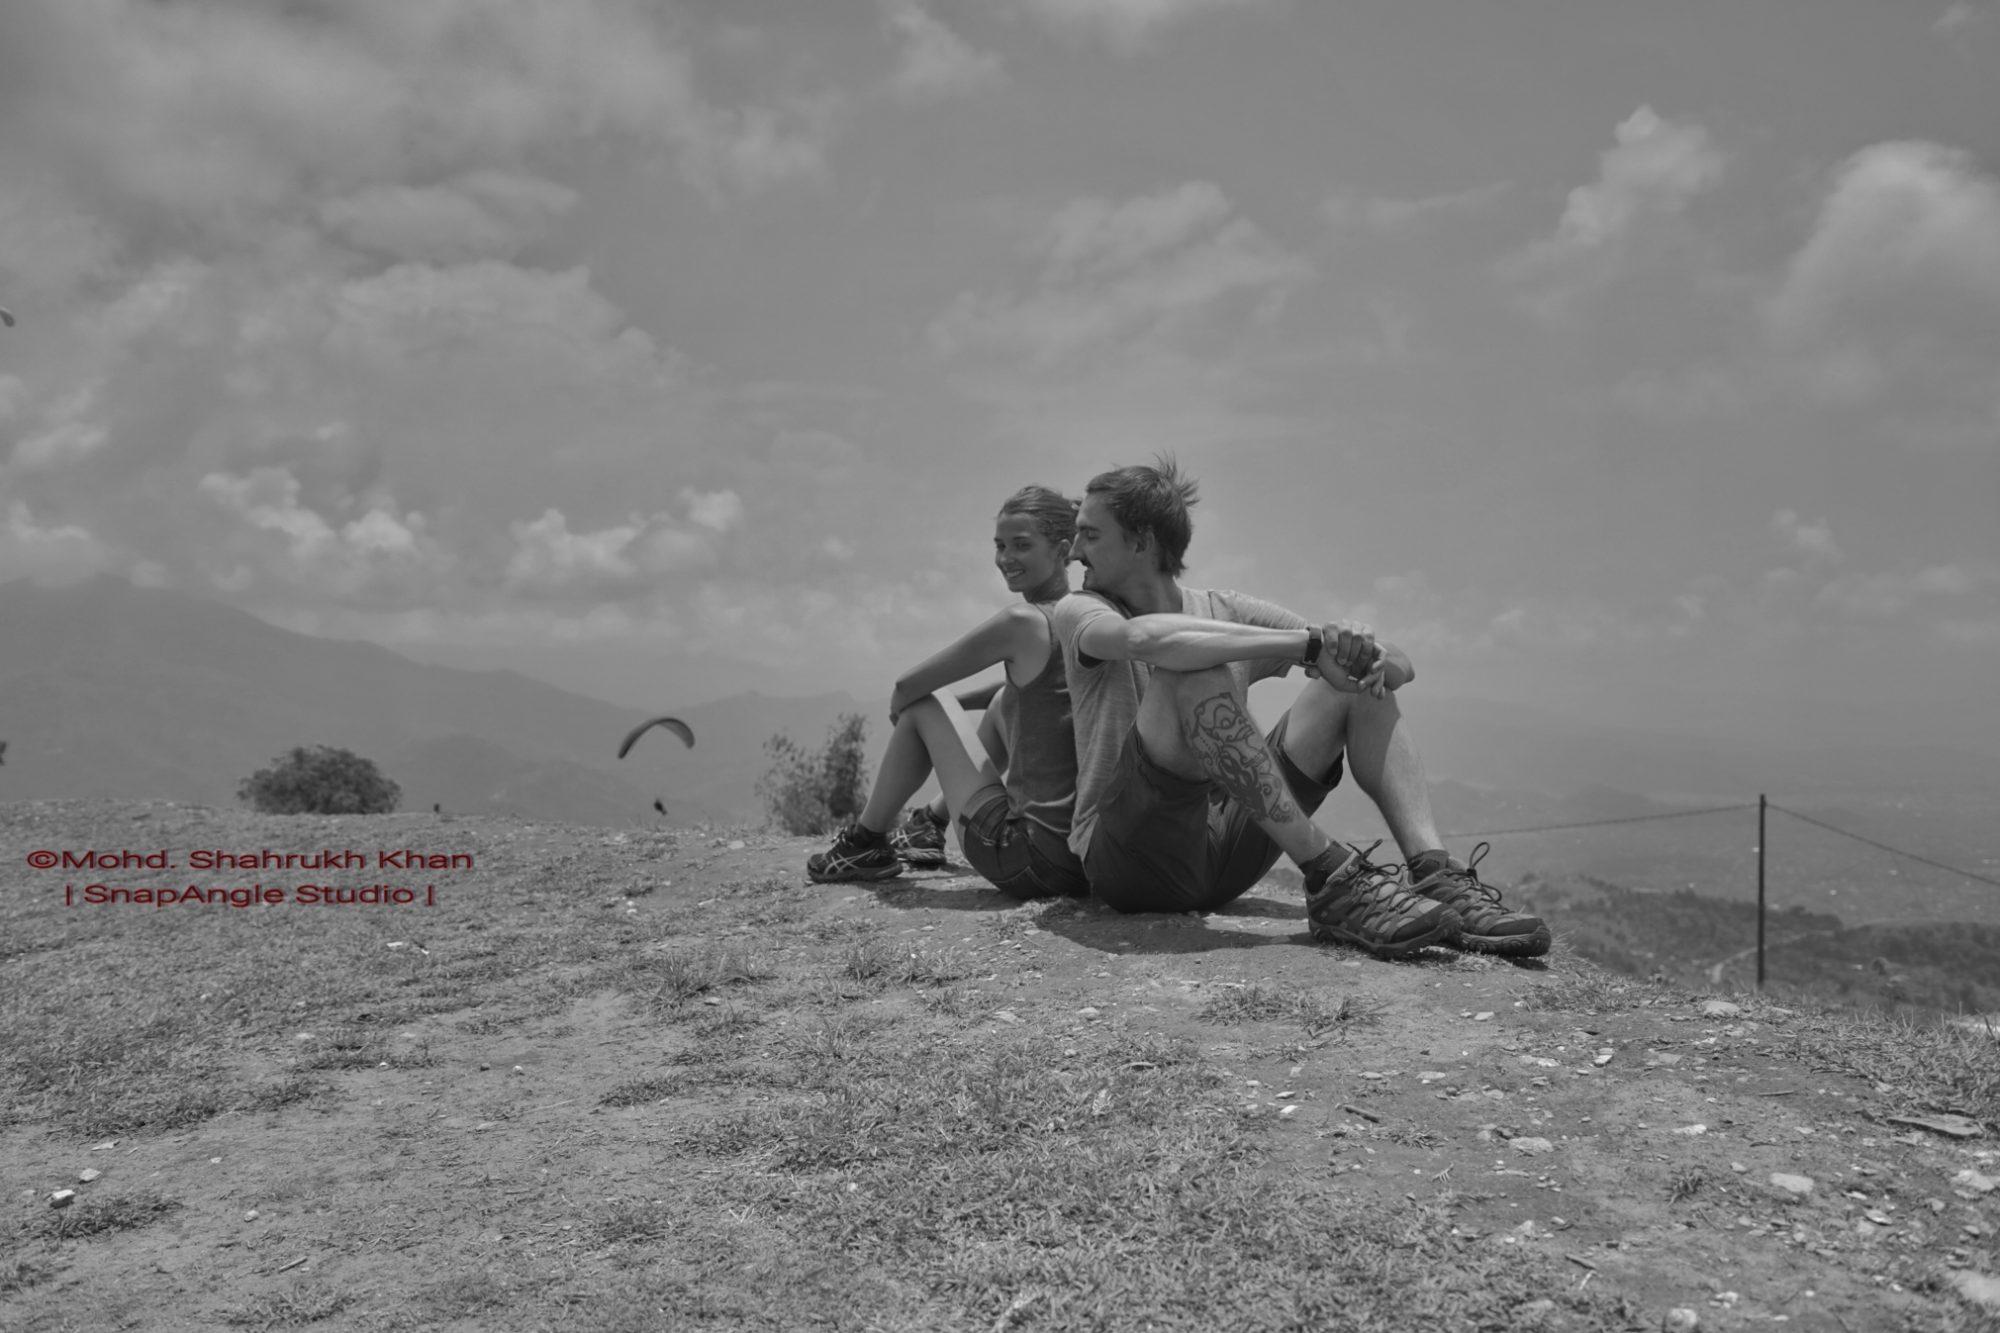 Photo dos à dos en noir et blanc, devant la vallée de Pokhara